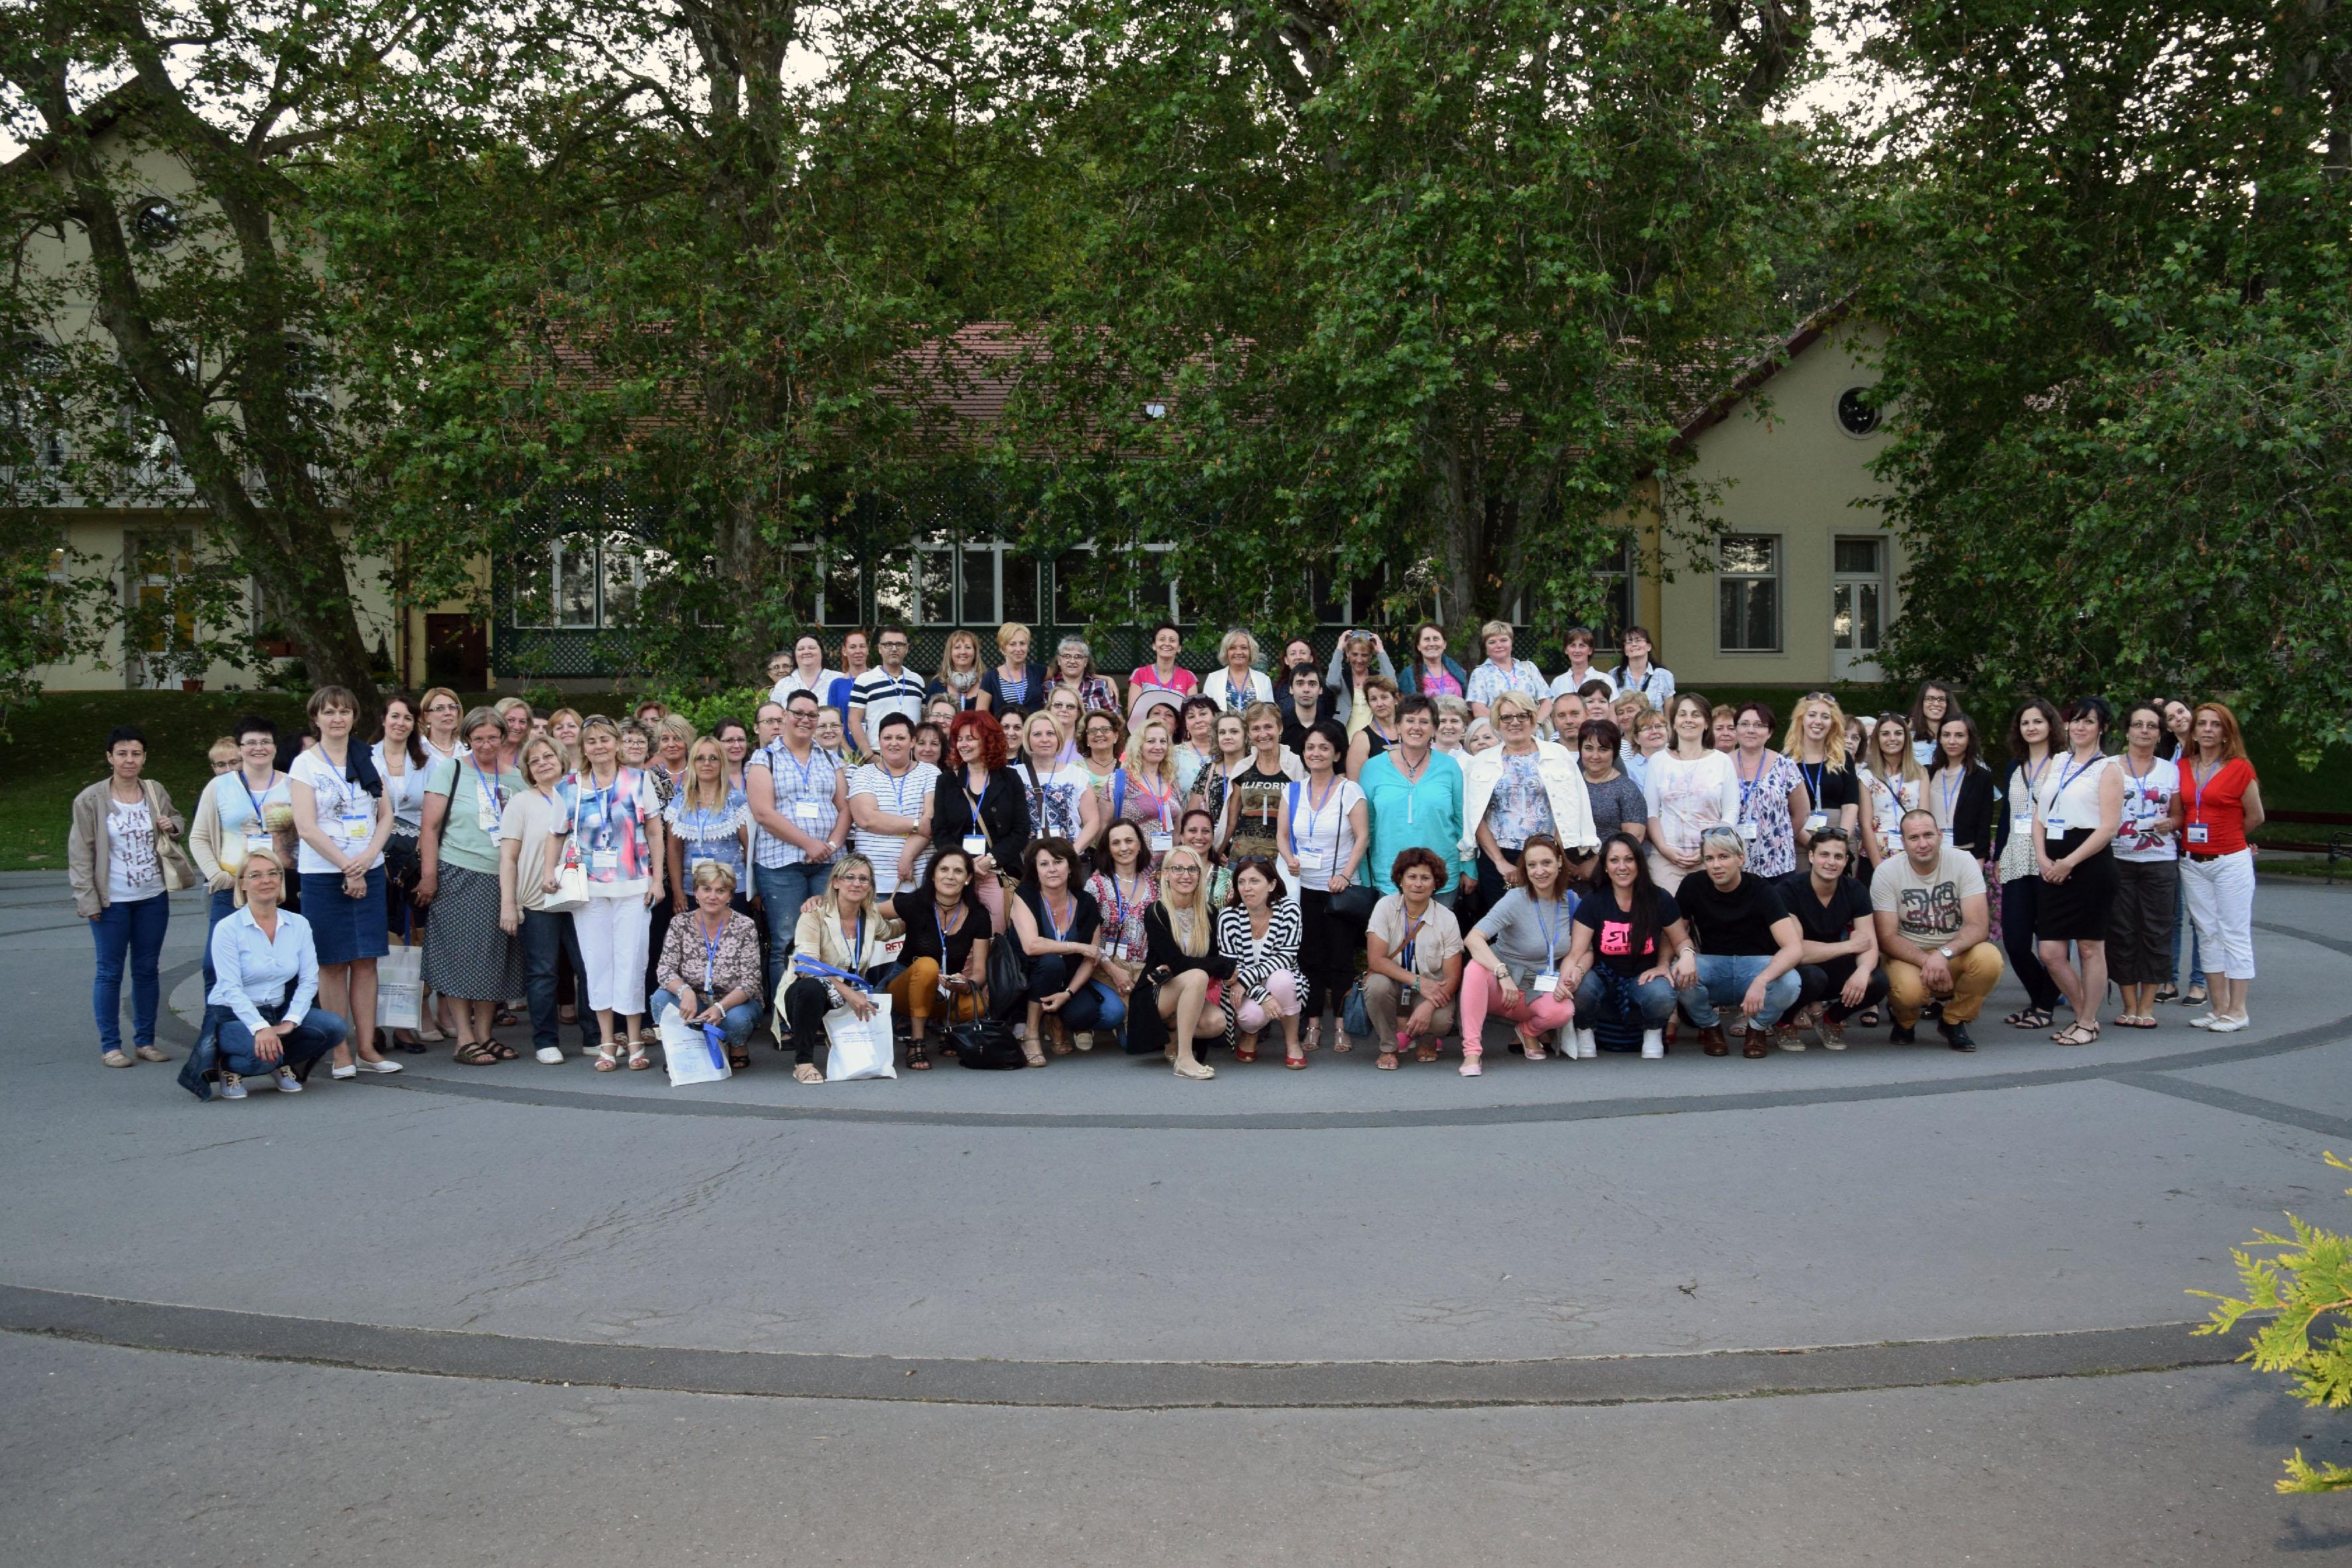 Kékgolyó Napok 2017 - Országos Onkológiai Szakdolgozói Továbbképző Konferencia és Kiállítás